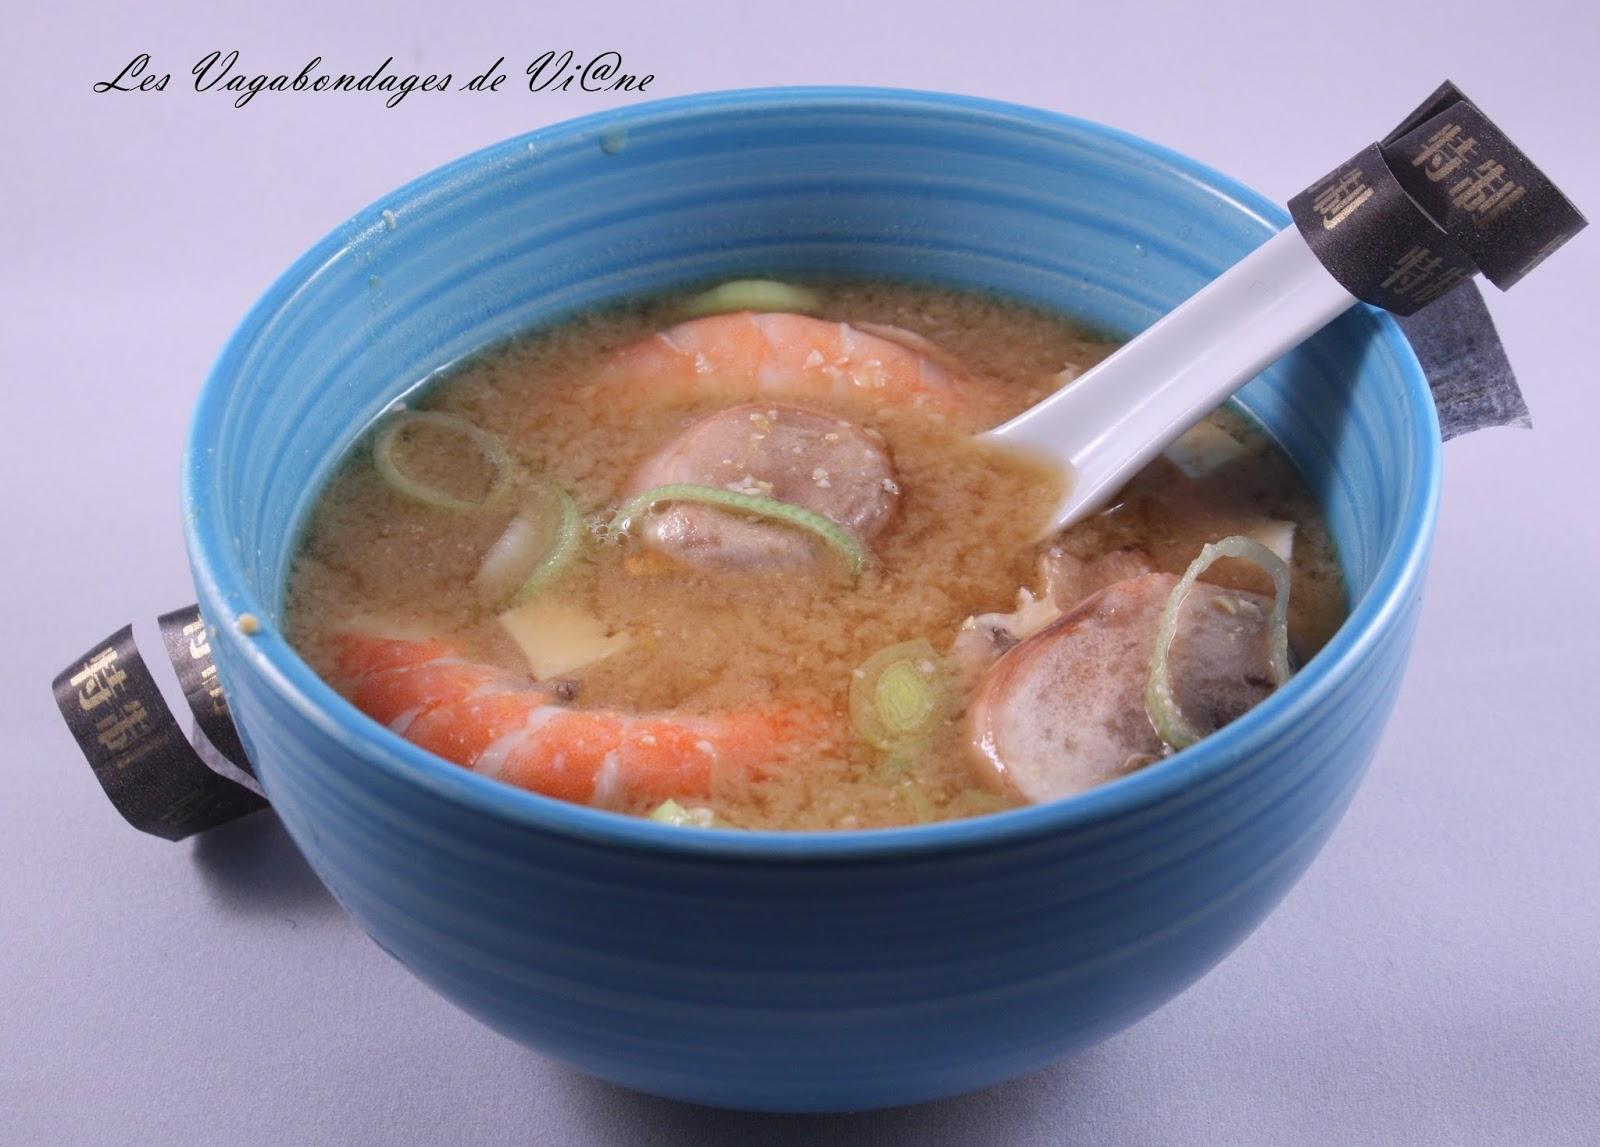 Les vagabondages de vi ne soupe miso aux crevettes - Soupe miso ingredient ...